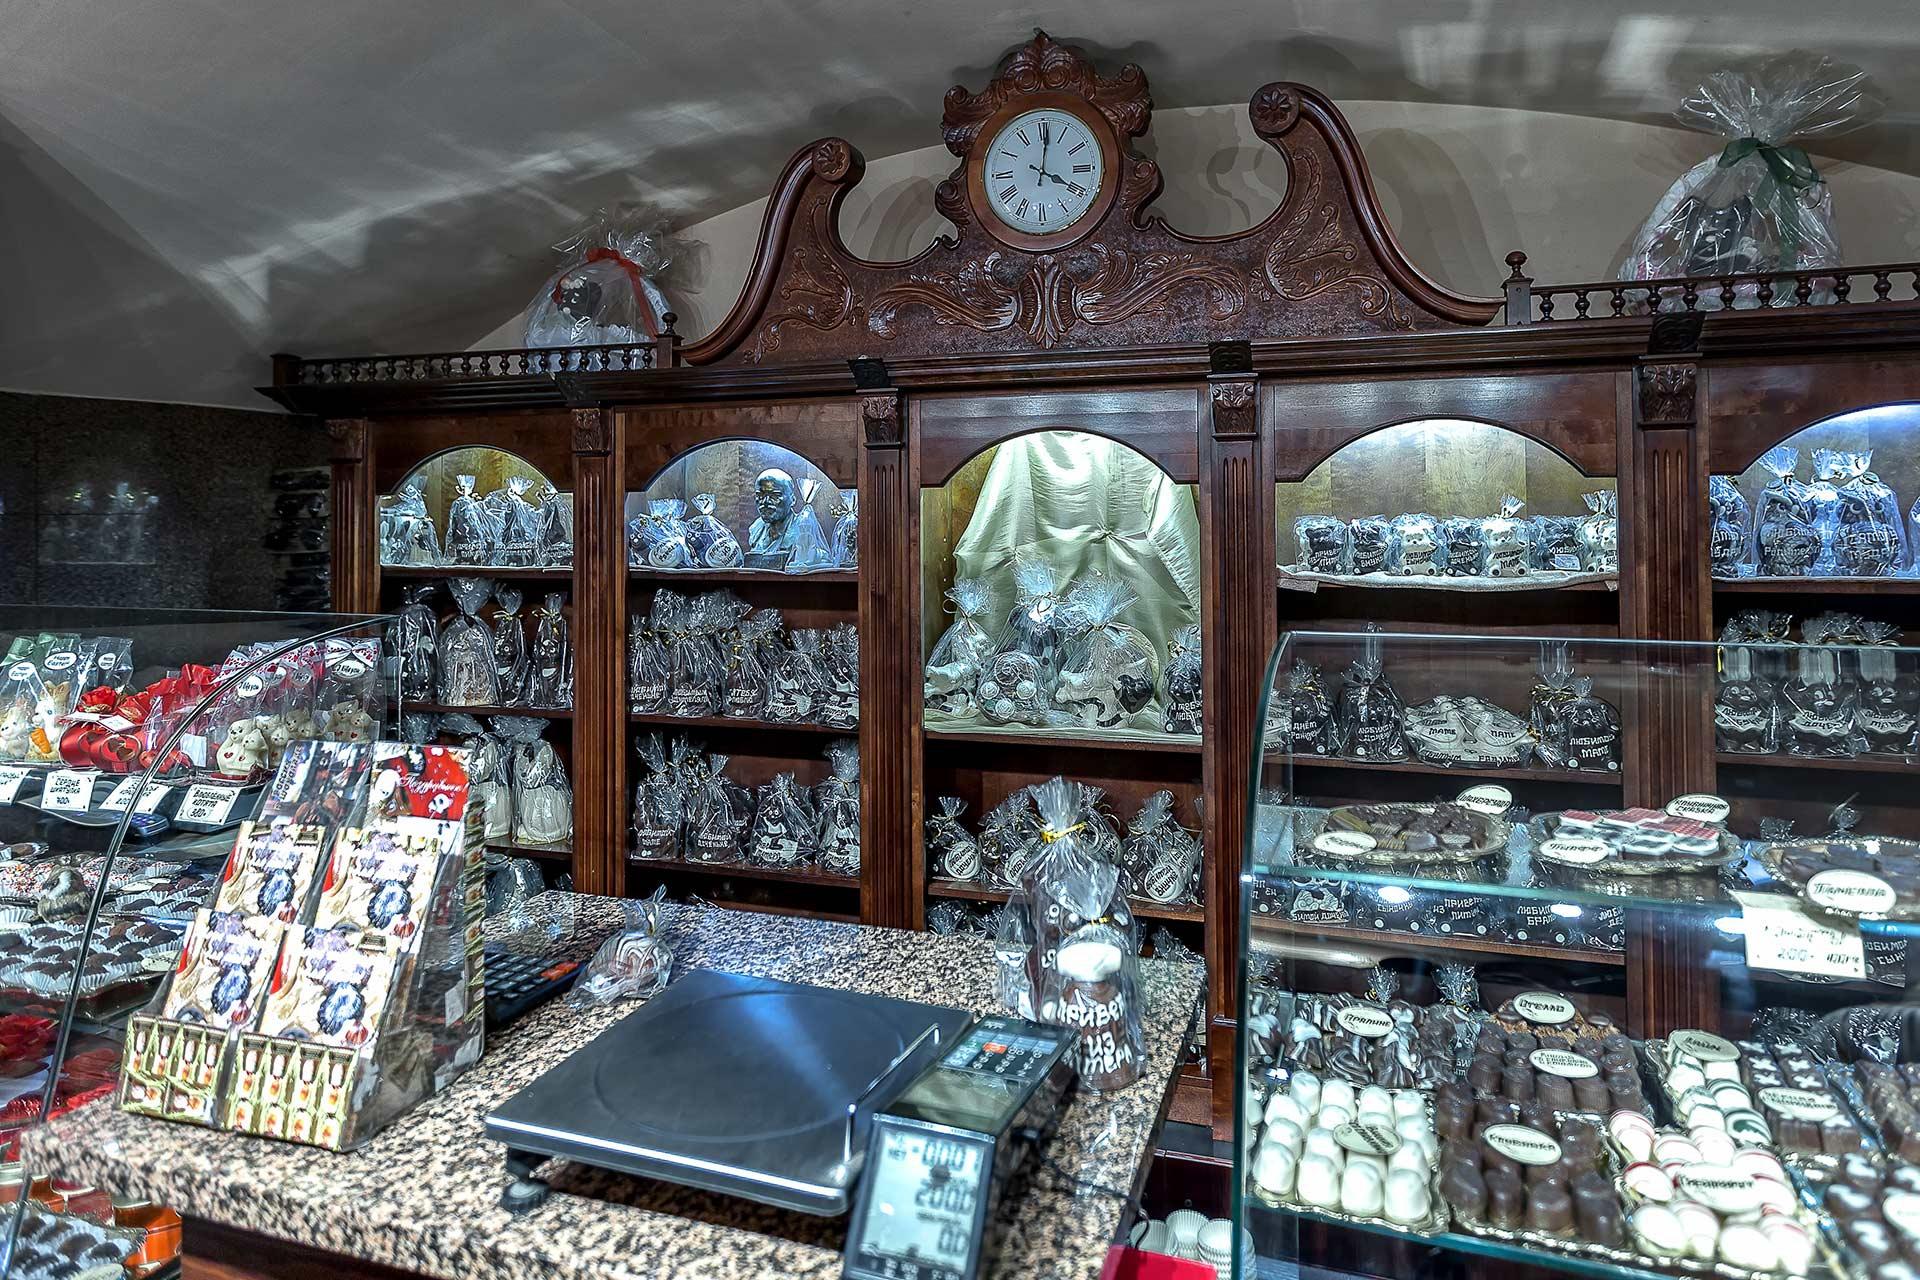 найдете музей шоколада в санкт петербурге на невском фото место должно быть